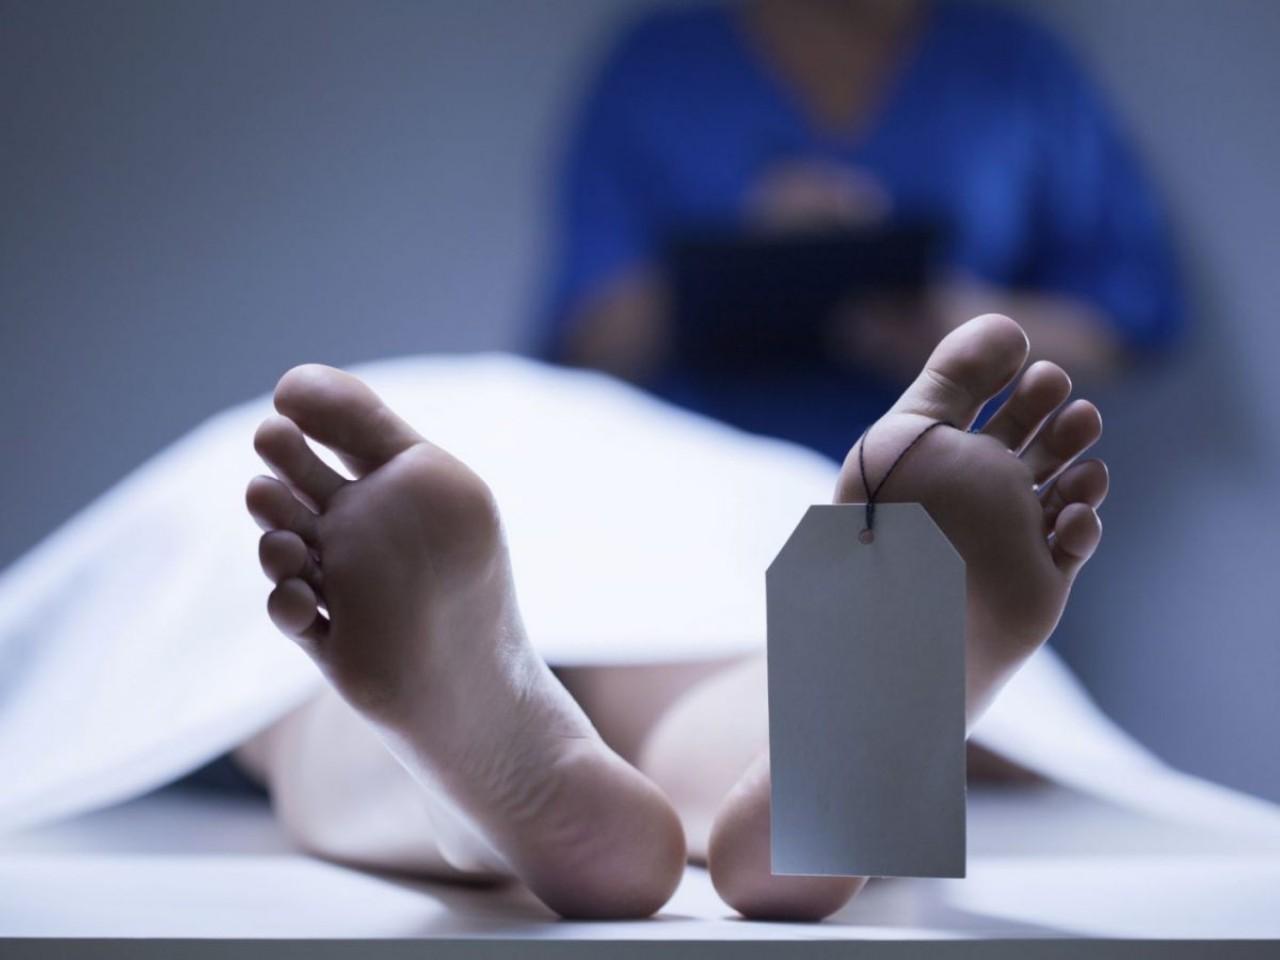 أمن العرائش يفتح تحقيقا في قضية انتحار يلفها الغموض